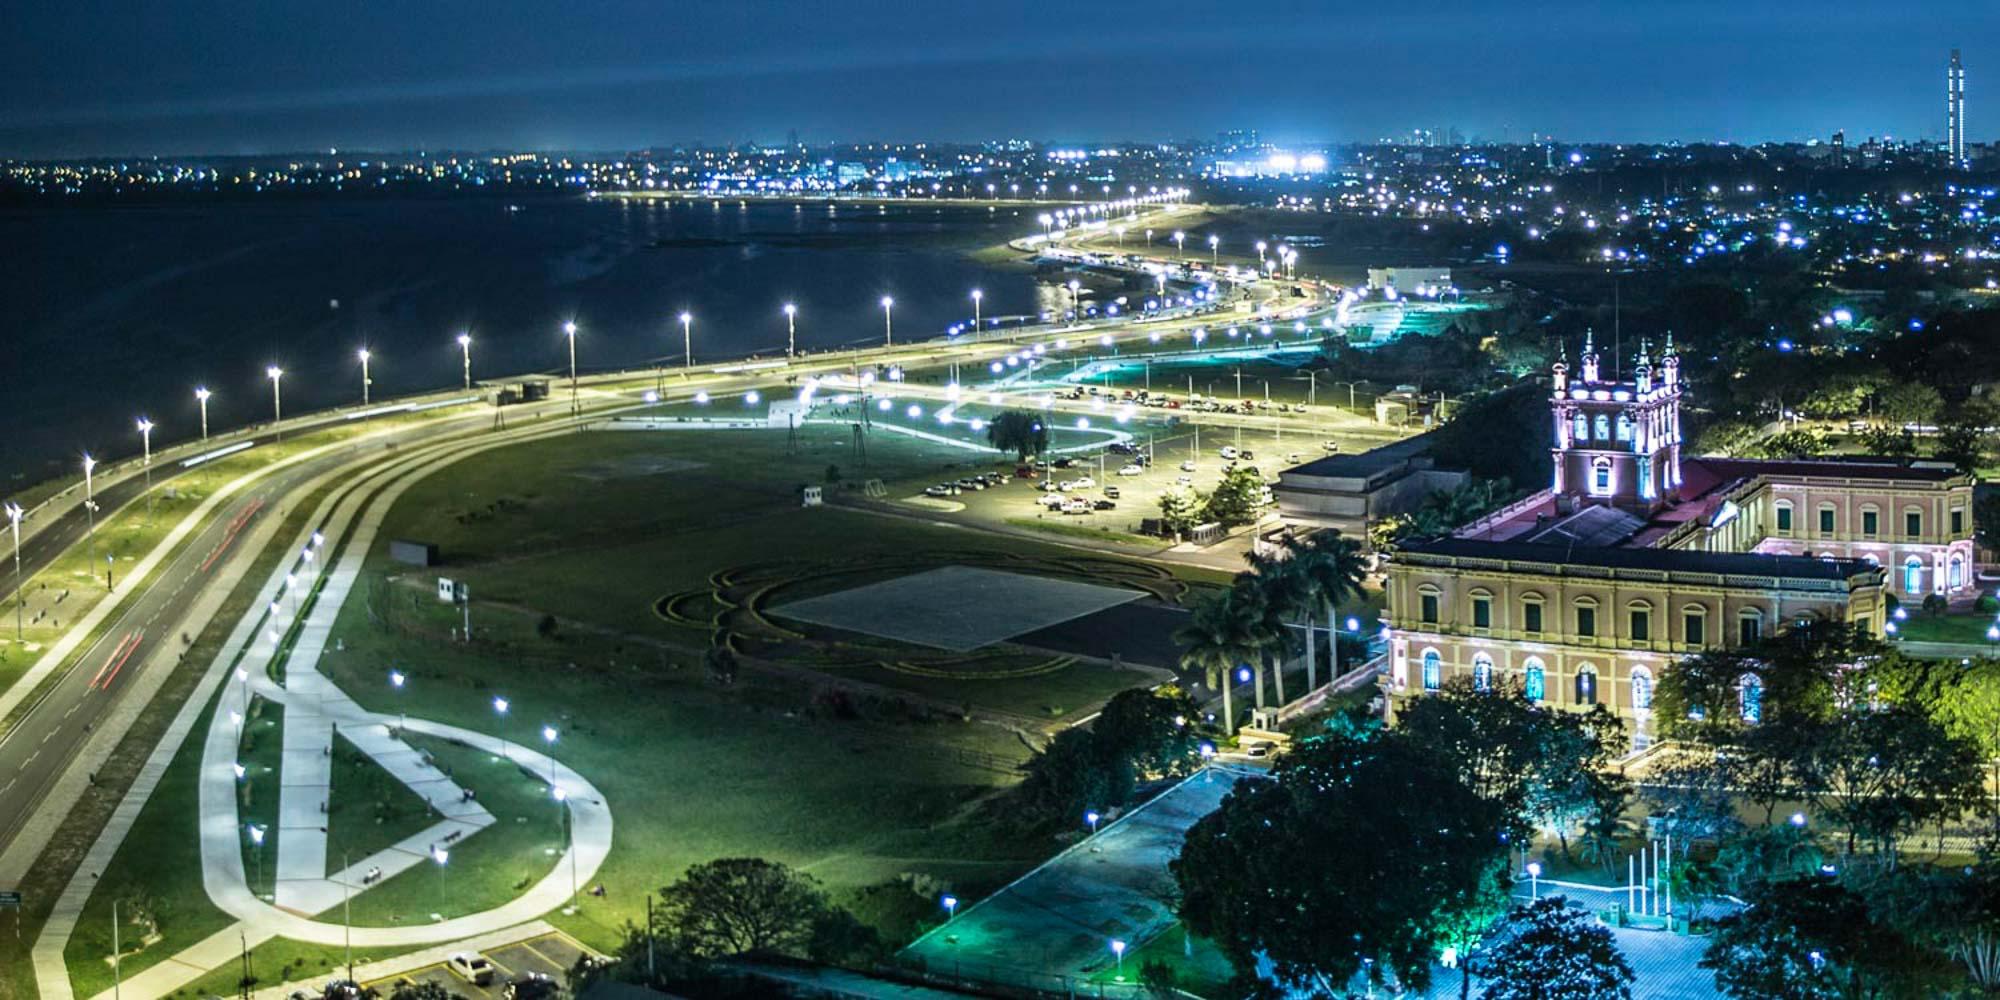 باراغواي تستعد لدراسة تشريع عملة البيتكوين الأسبوع المقبل…التفاصيل هنا